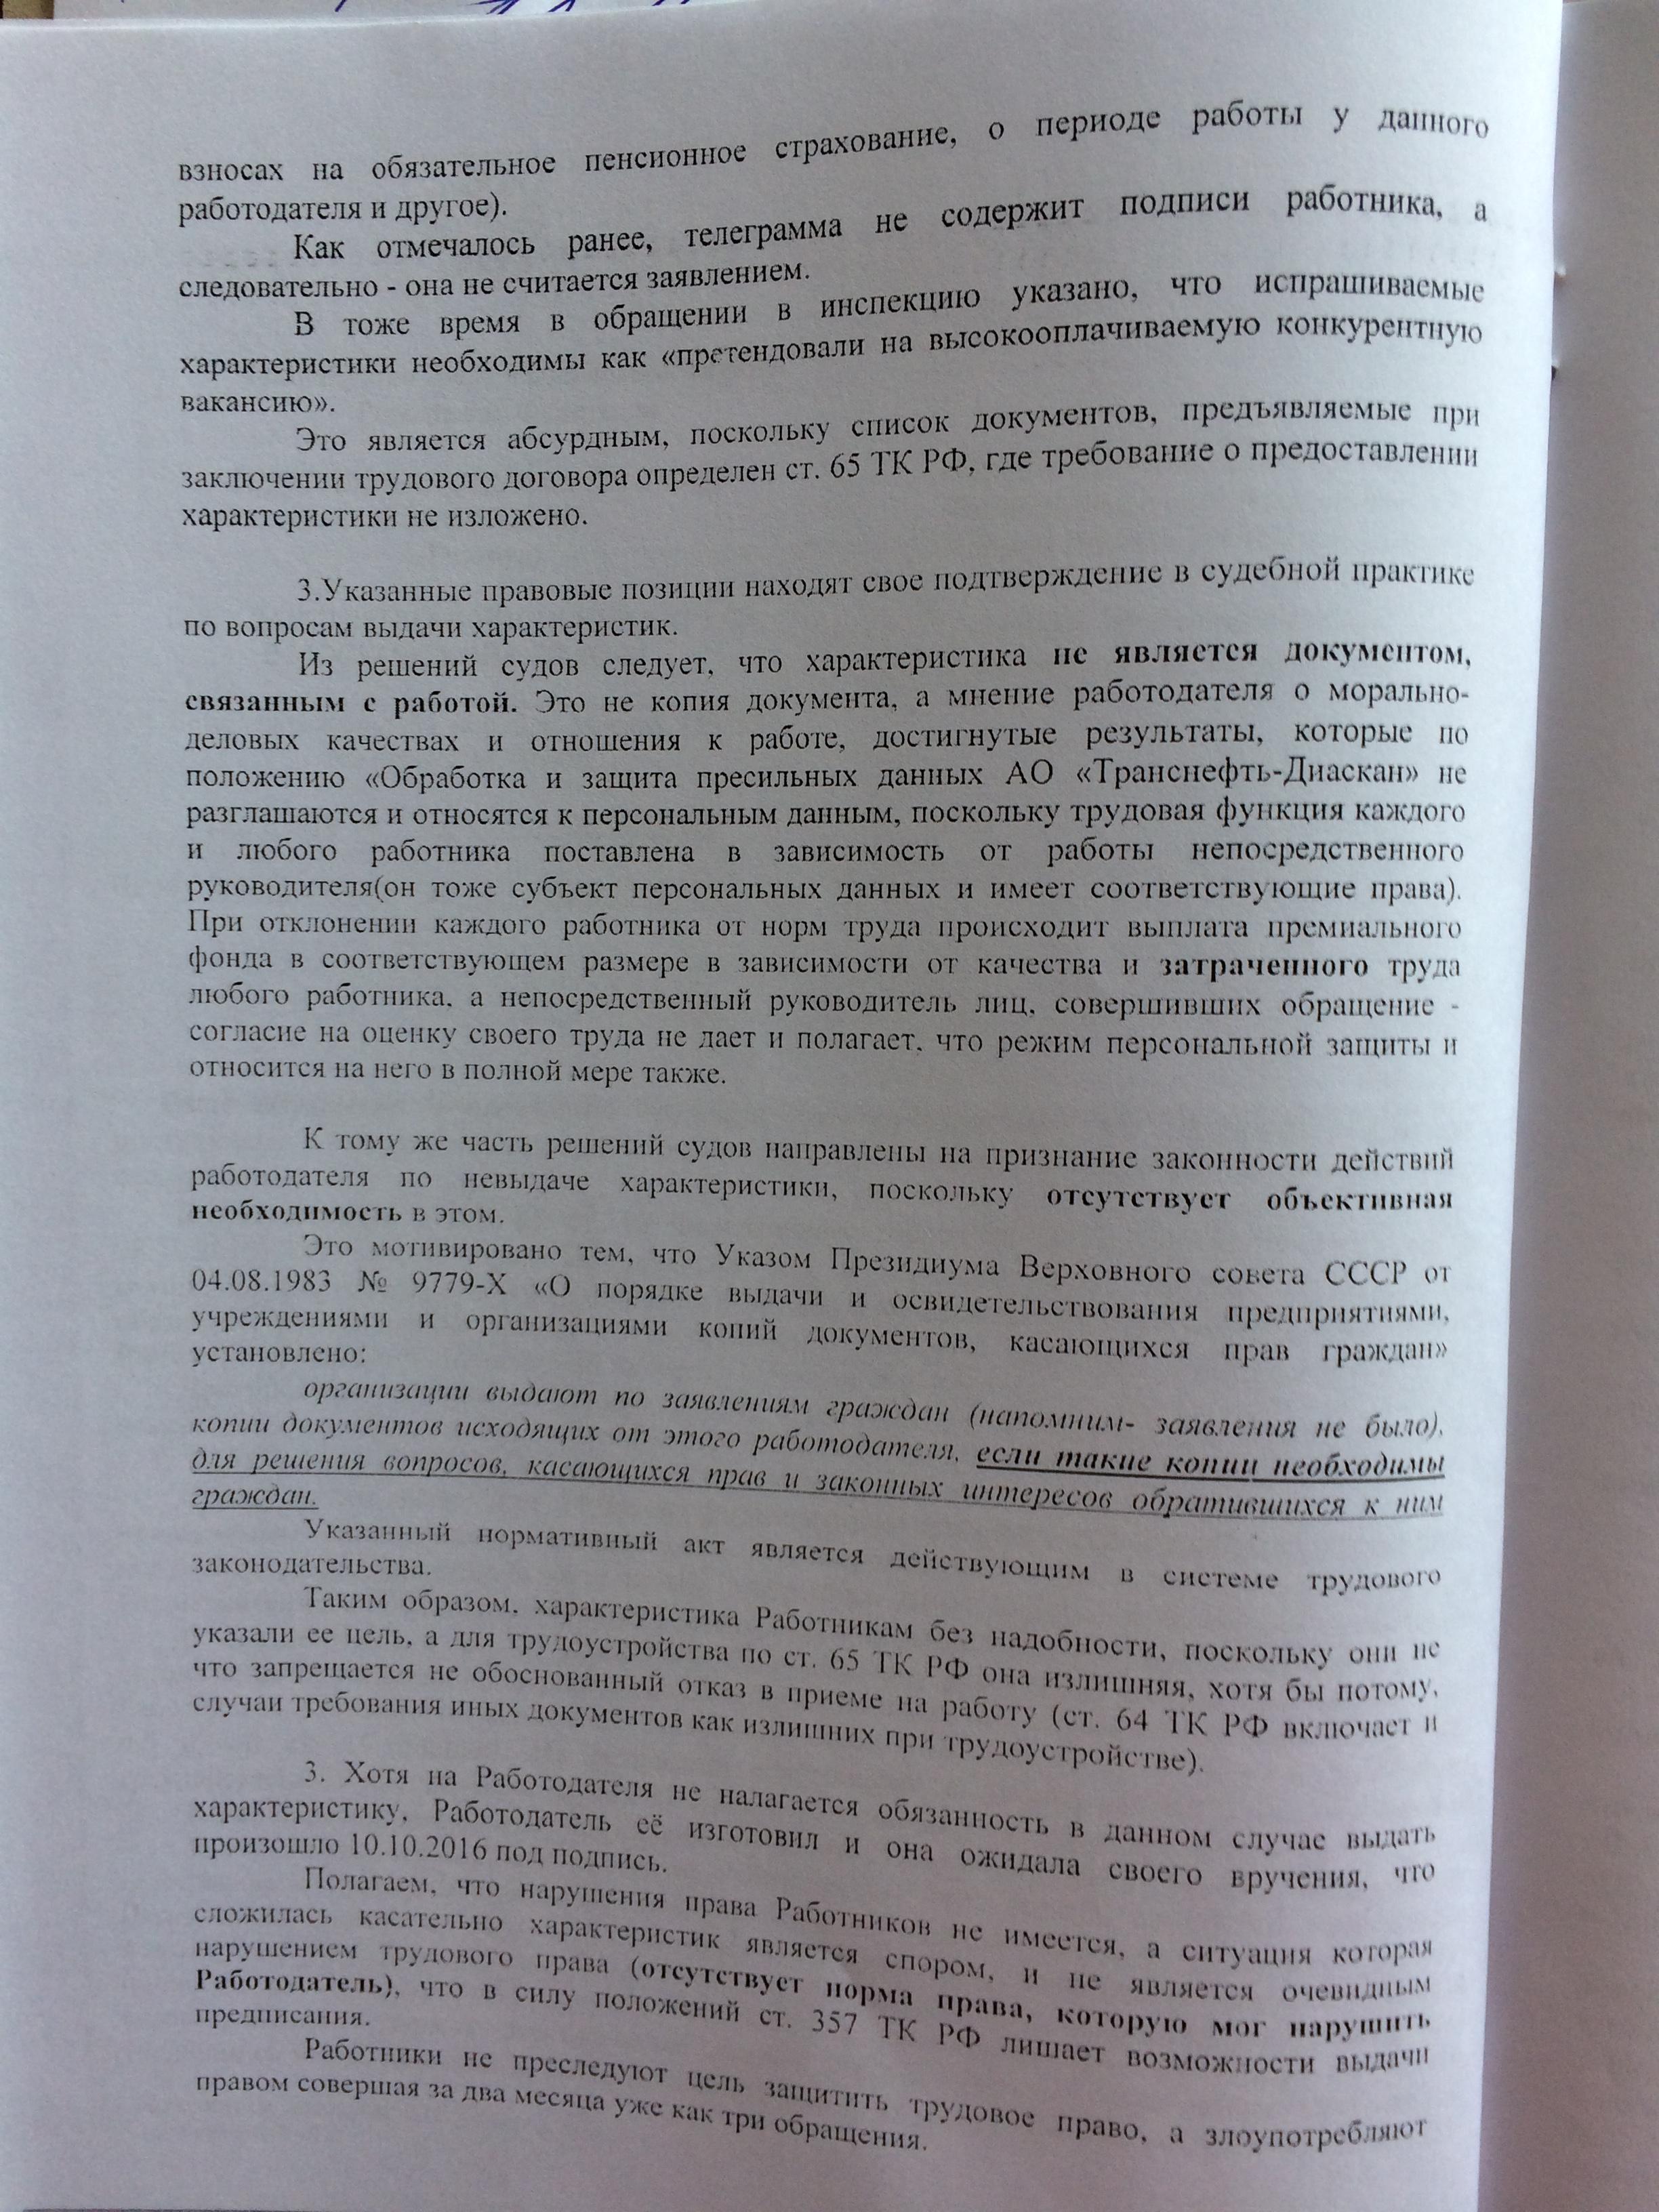 Фото документов проверки Луховицкой городской прокуратурой - 127 (5)